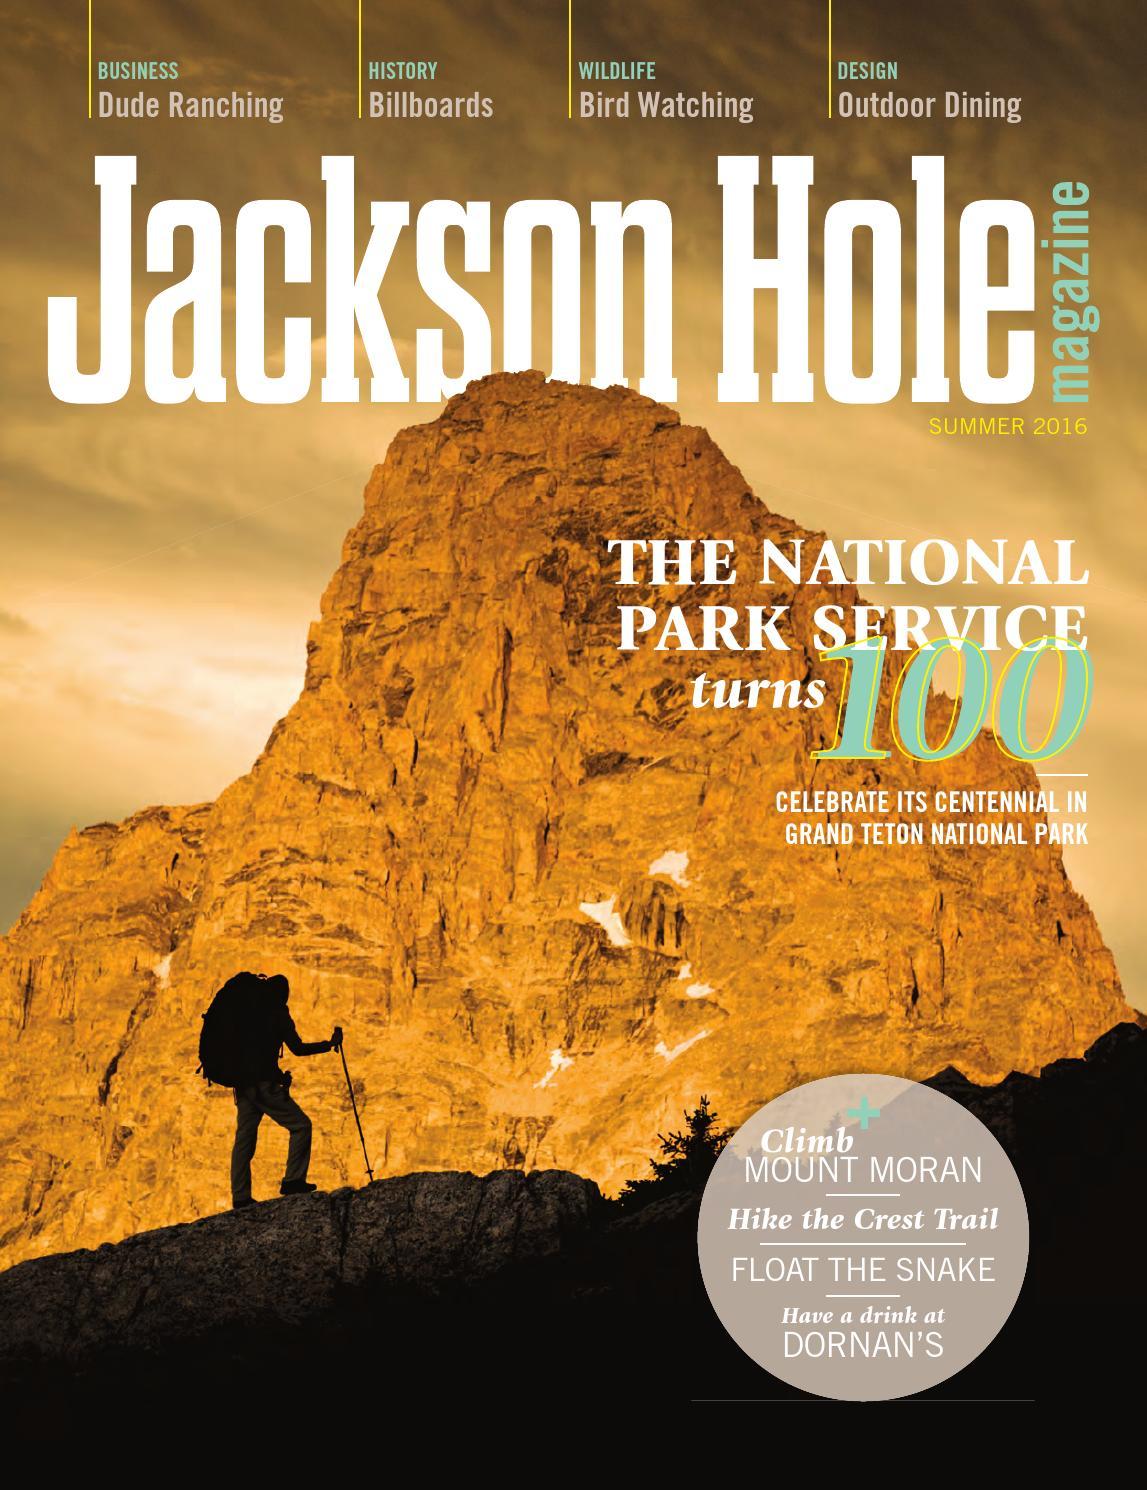 Jackson Hole Magazine Summer 2016 By Teton Media Works Inc Issuu